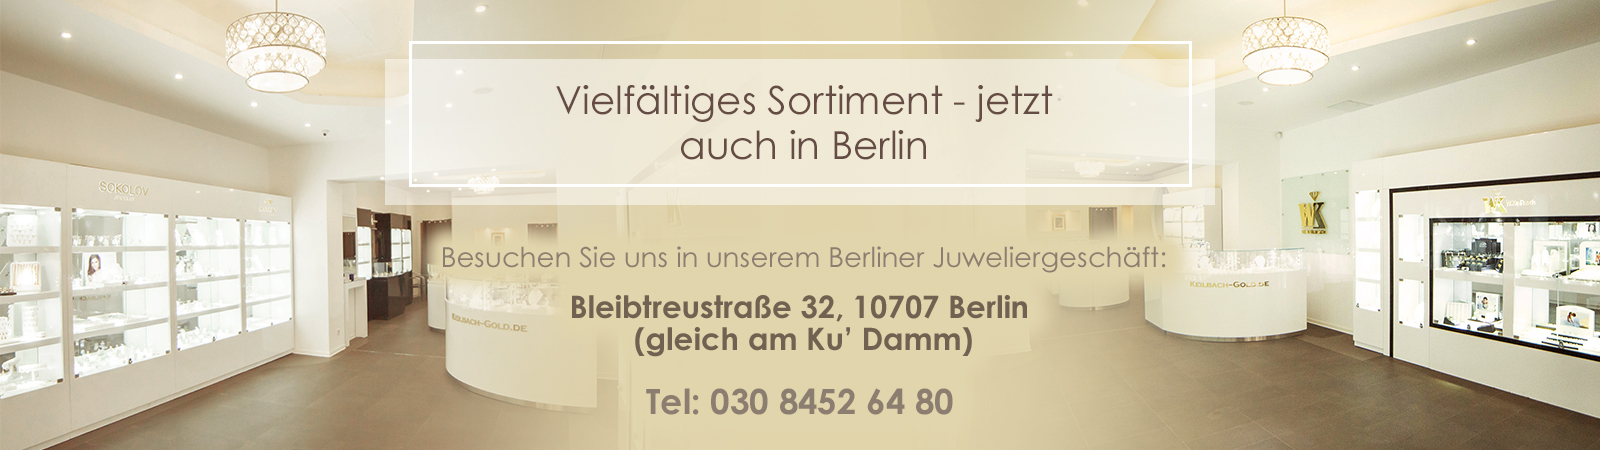 Banne Berlin